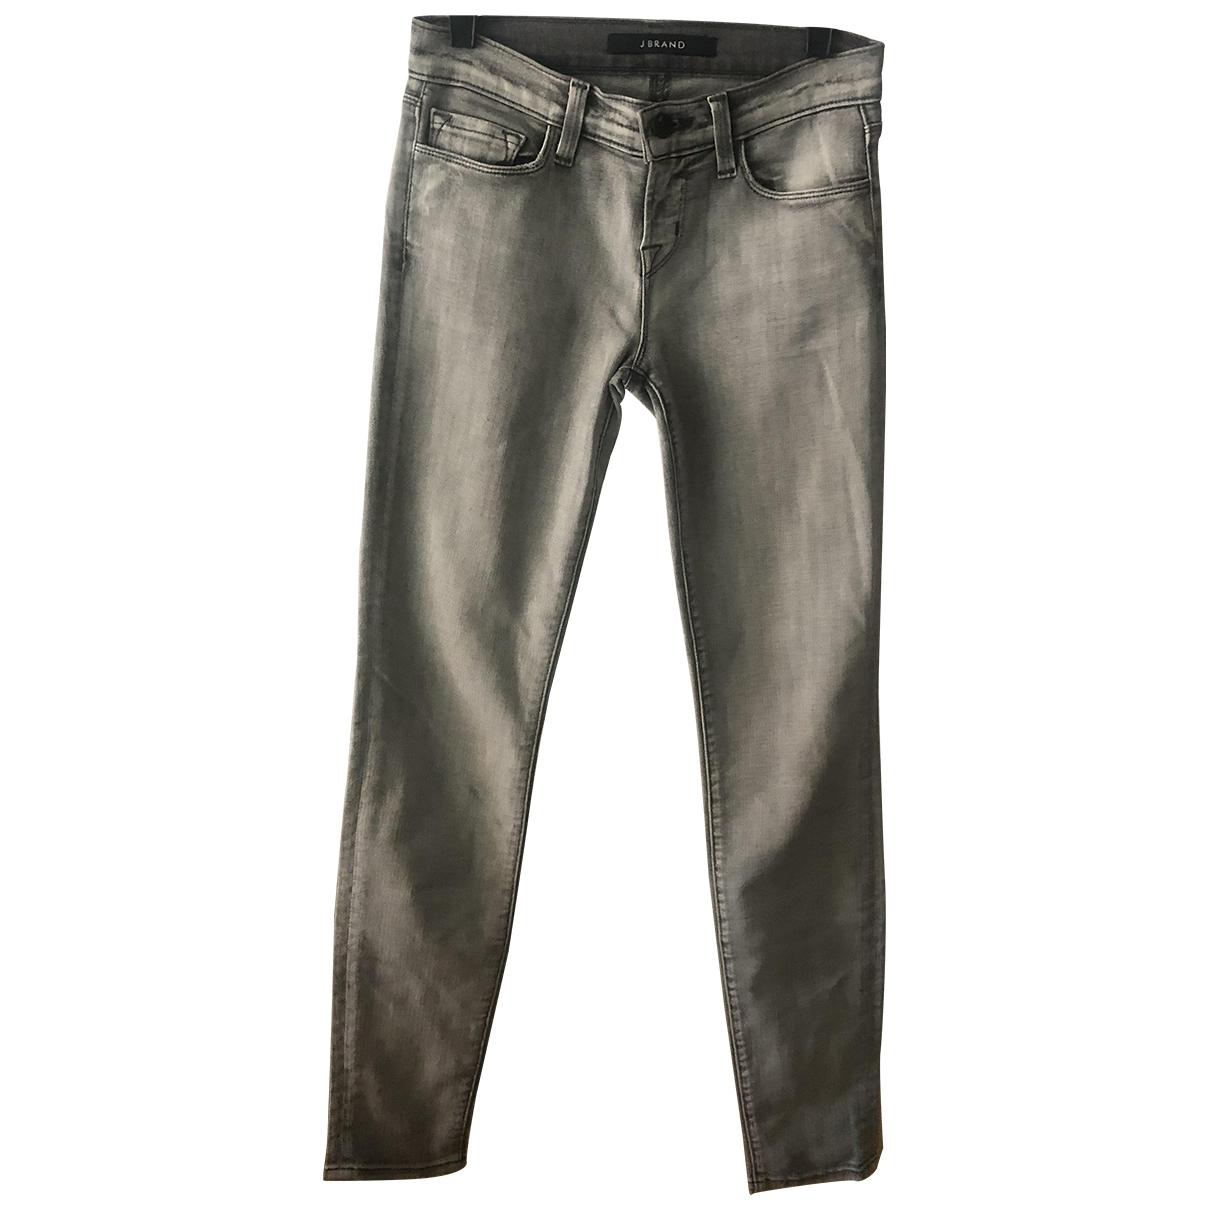 J Brand \N Grey Denim - Jeans Trousers for Women 36 IT